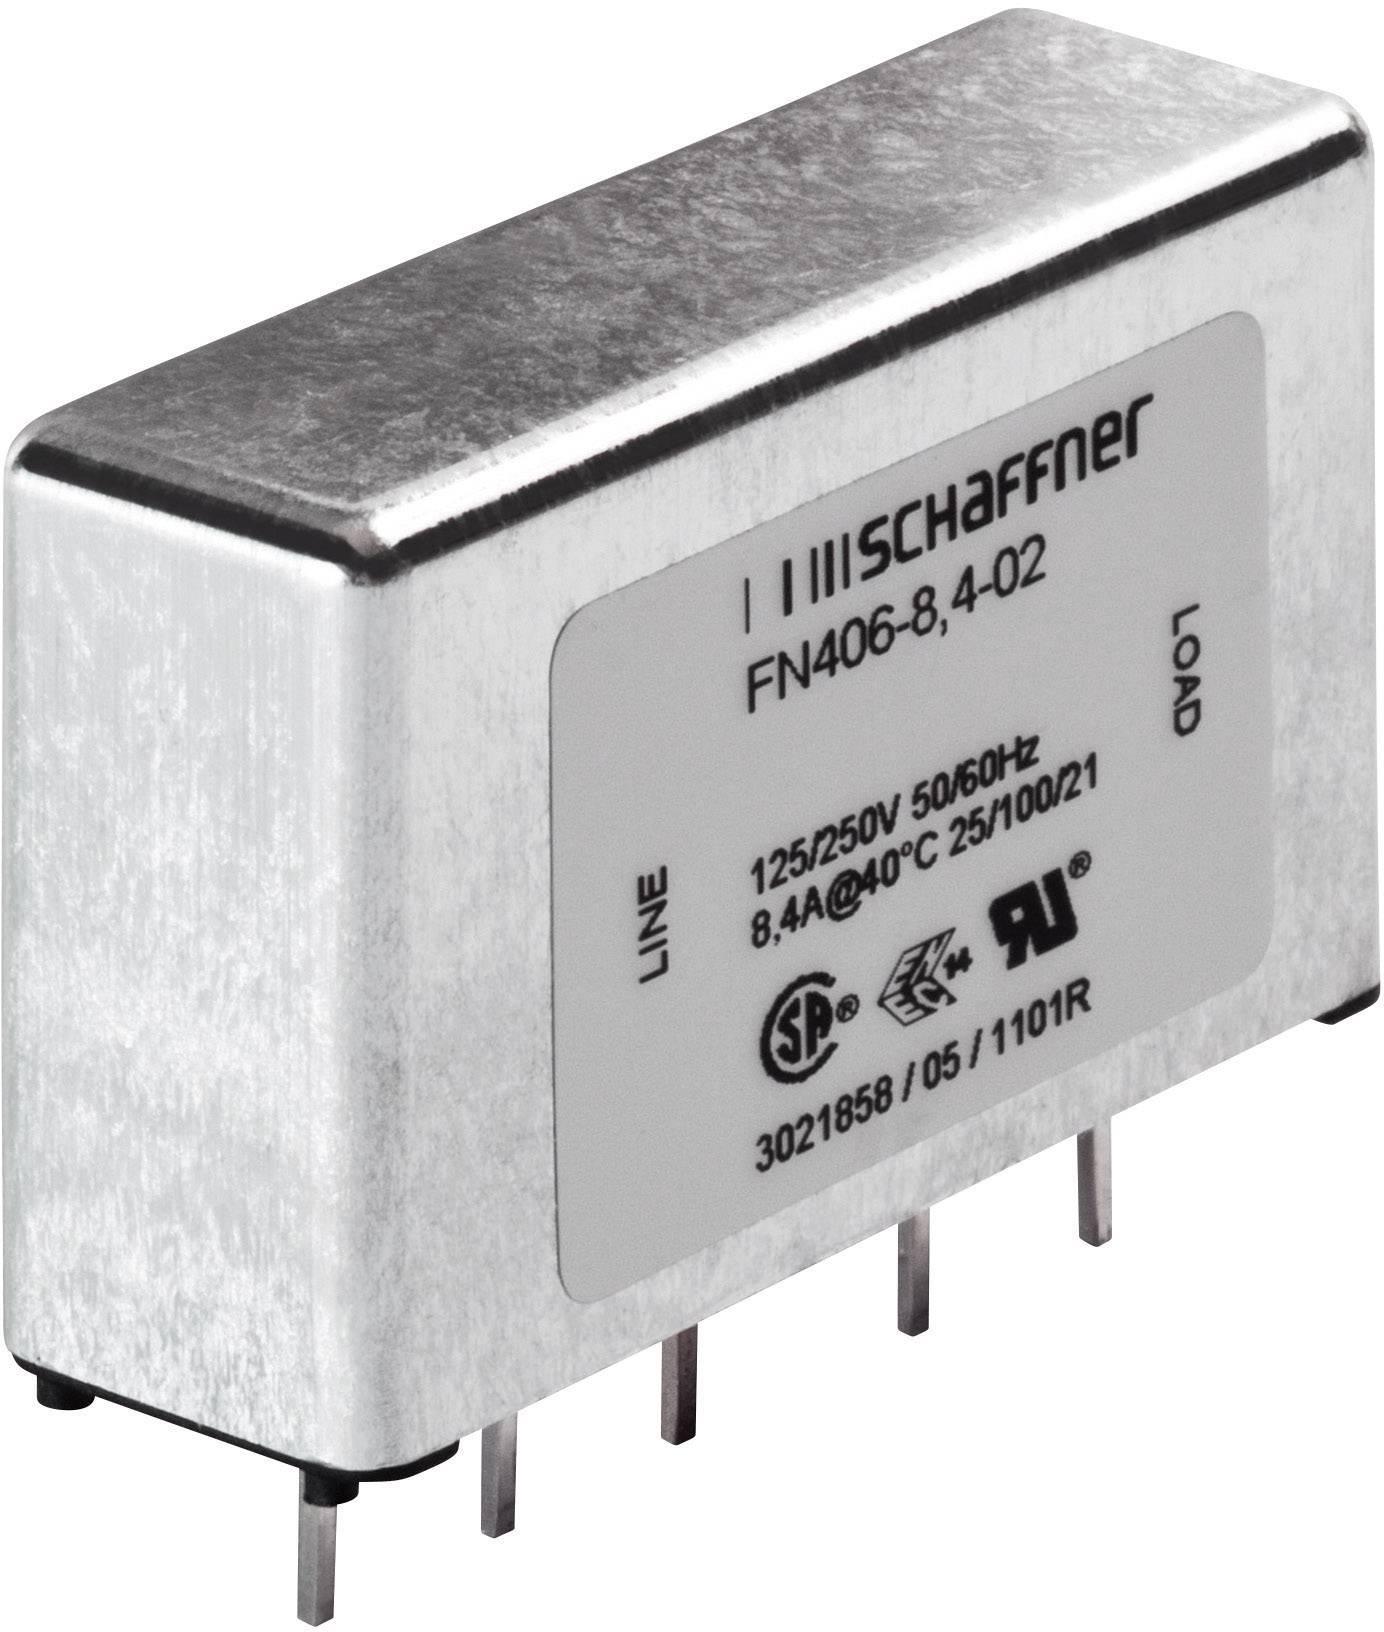 Odrušovací filter Schaffner FN 406-3-02 FN 406-3-02, 250 V/AC, 3 A, 2.5 mH, (d x š x v) 45 x 15 x 28 mm, 1 ks